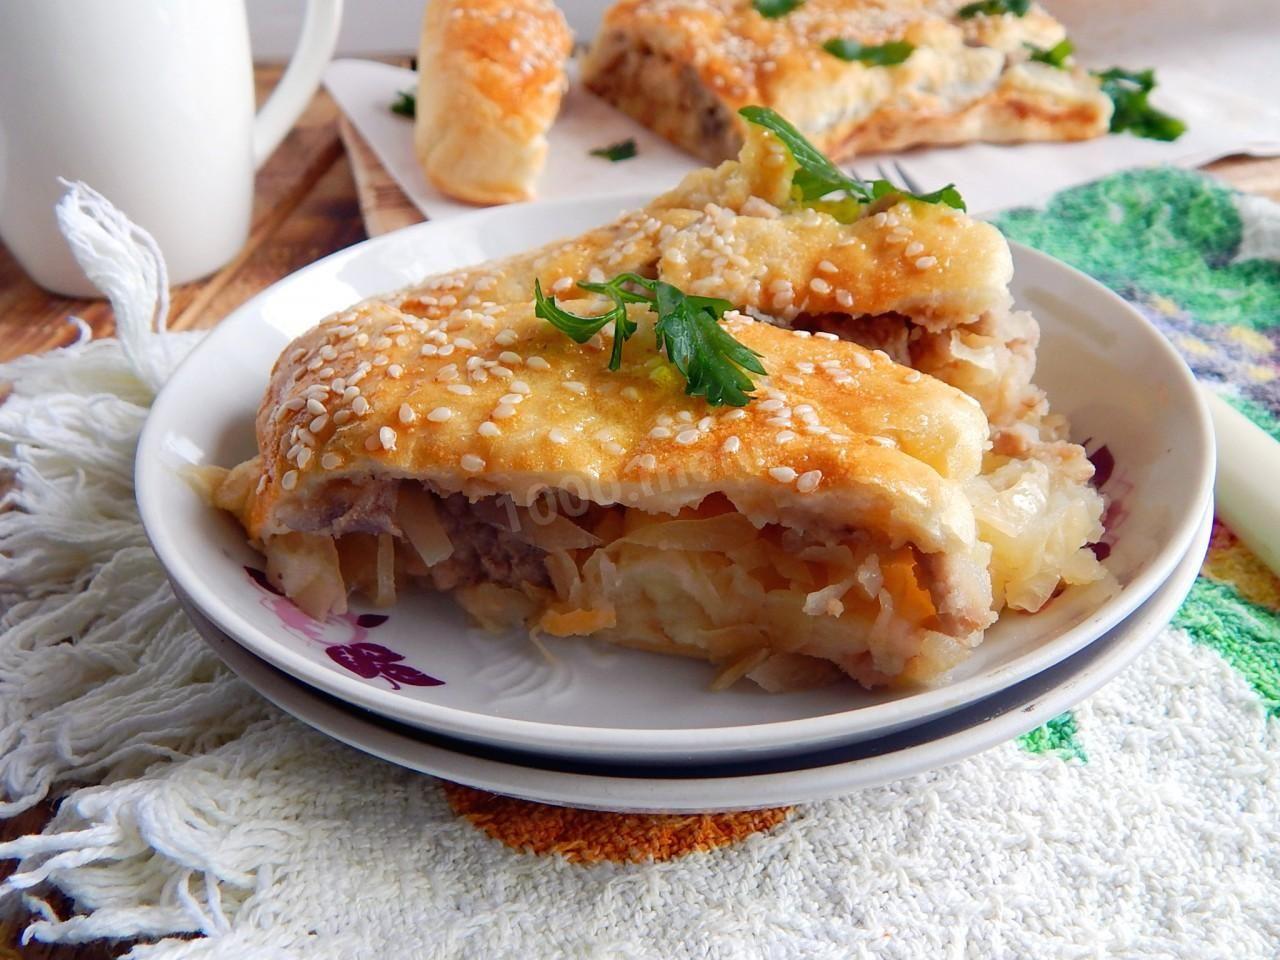 штруделя с мясом картофелем капустой фото рецепт перспективы стройки